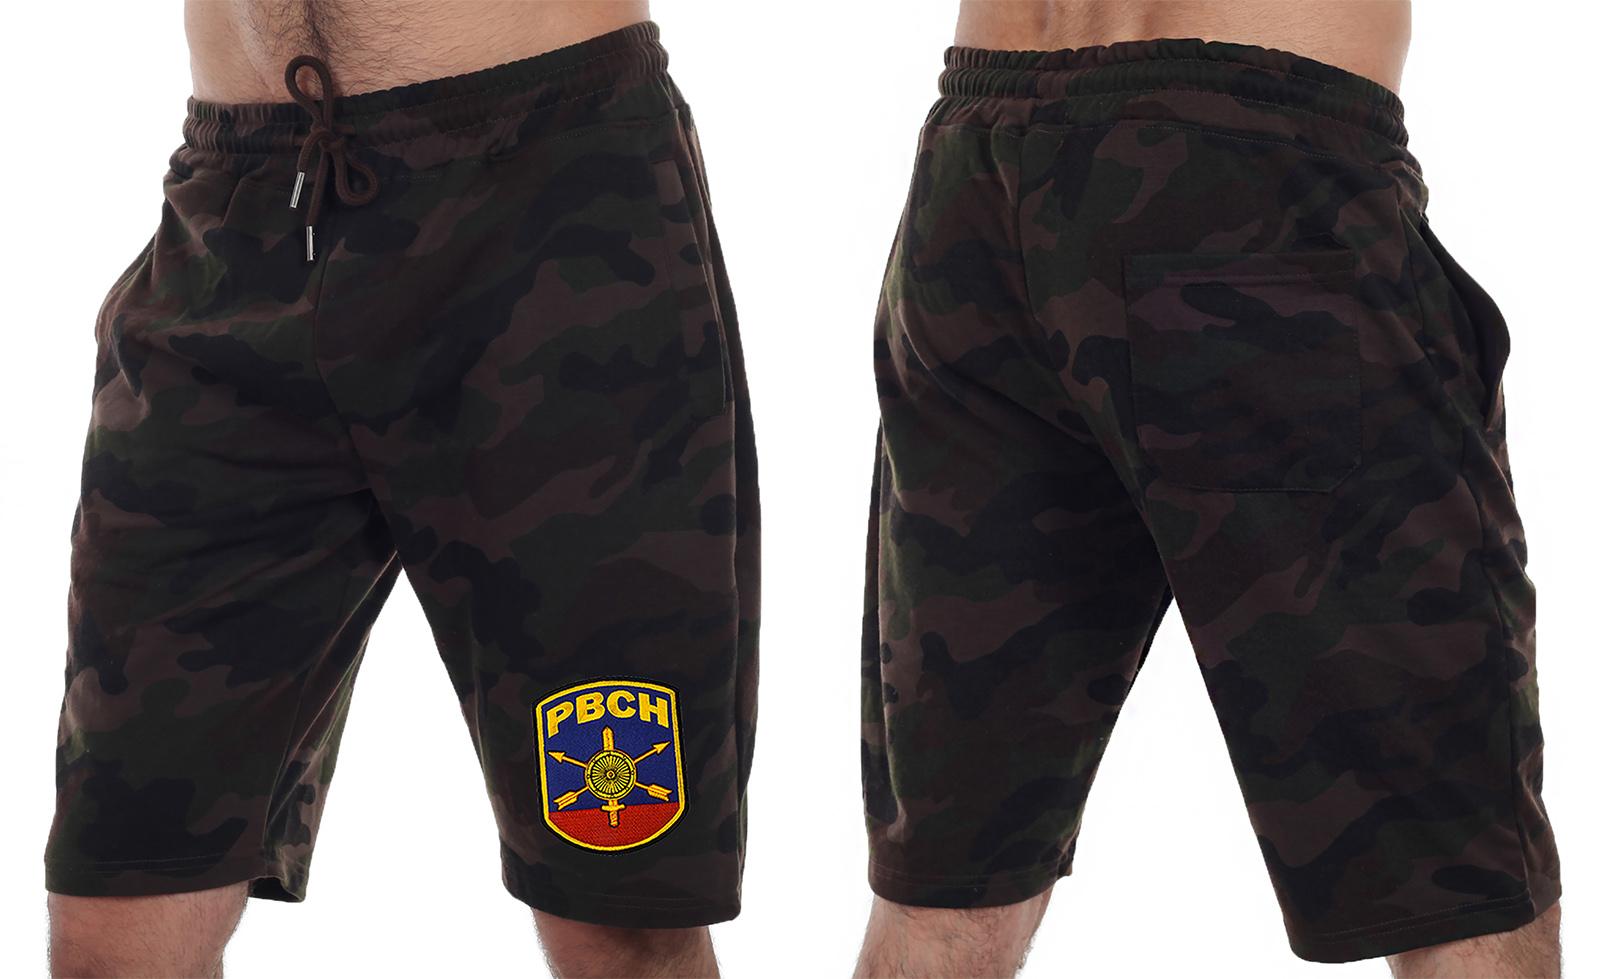 Камуфляжные шорты удлиненного кроя с нашивкой РВСН - заказать в подарок